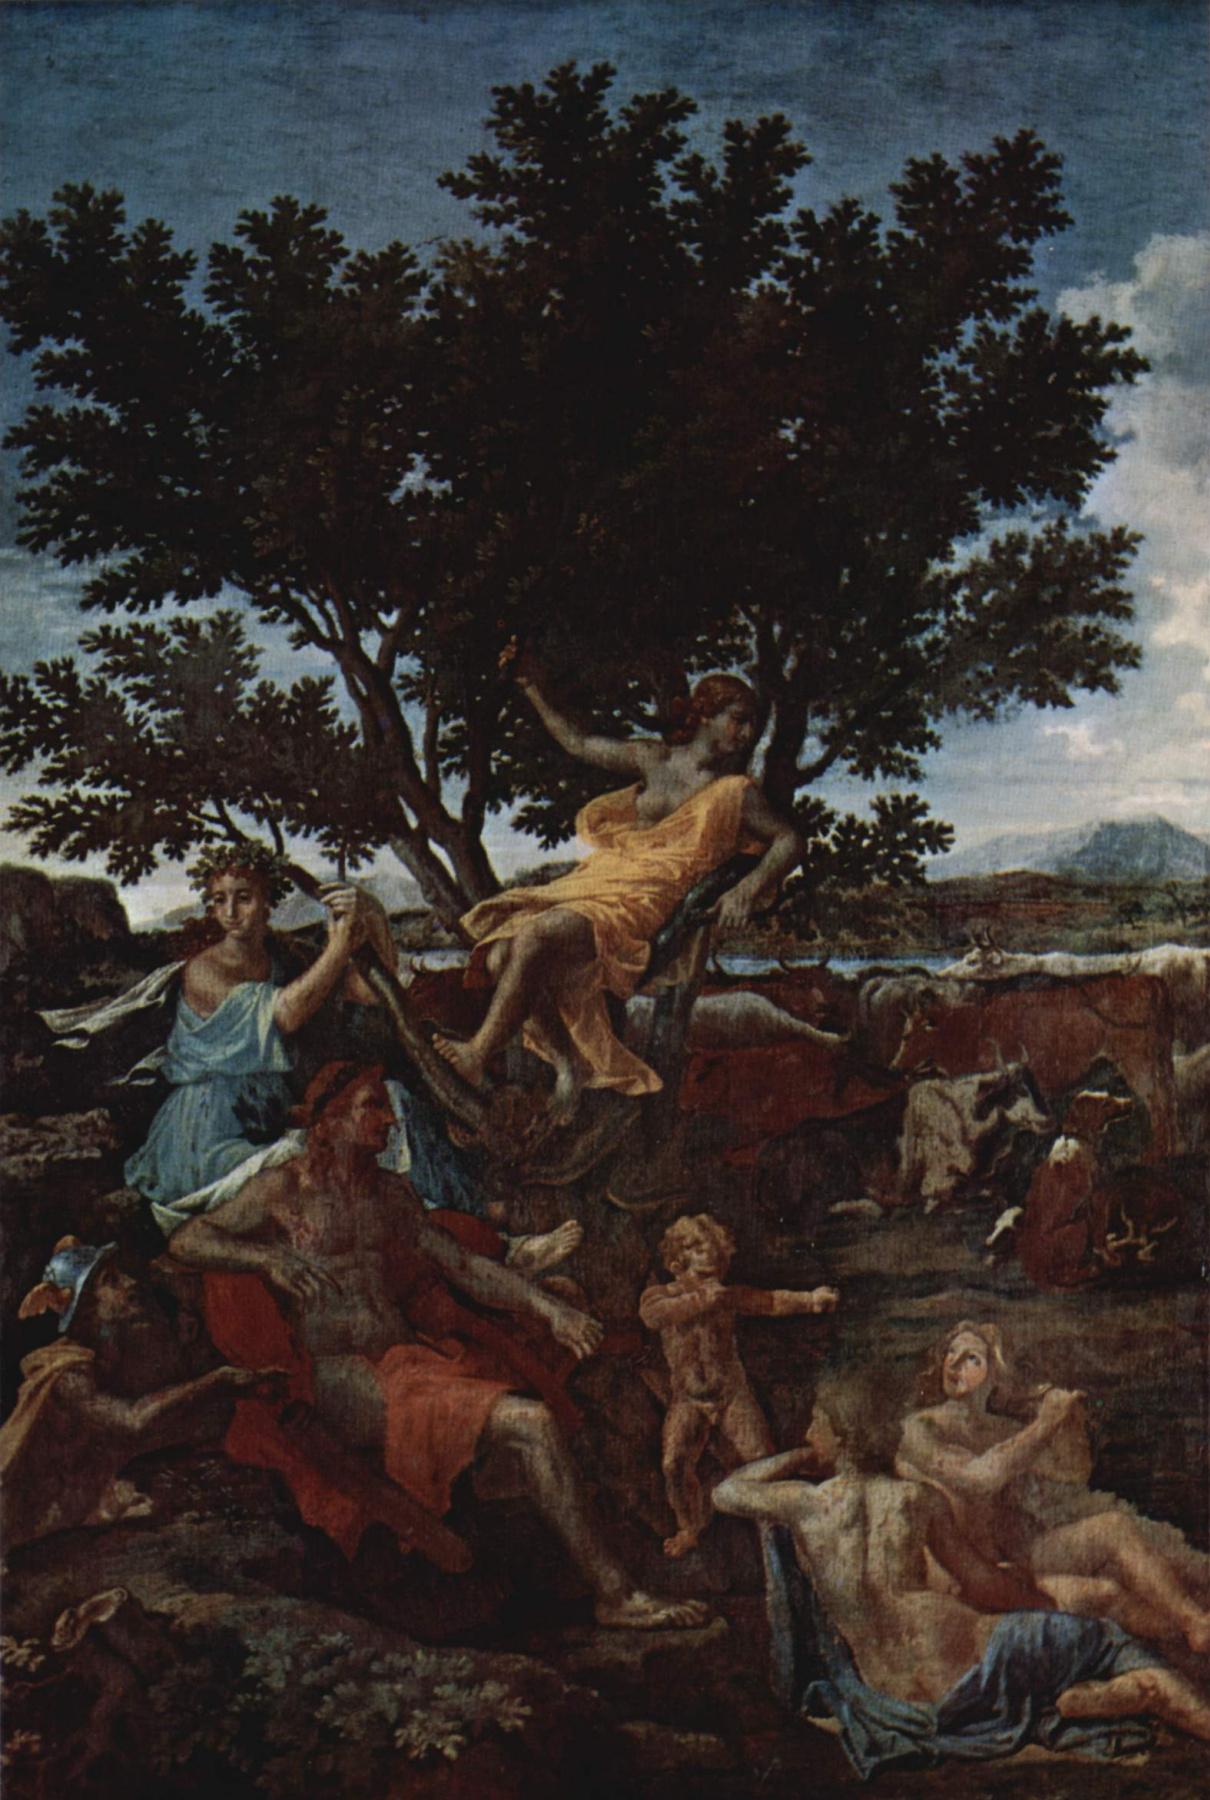 Nicola Poussin. Apollo and Daphne